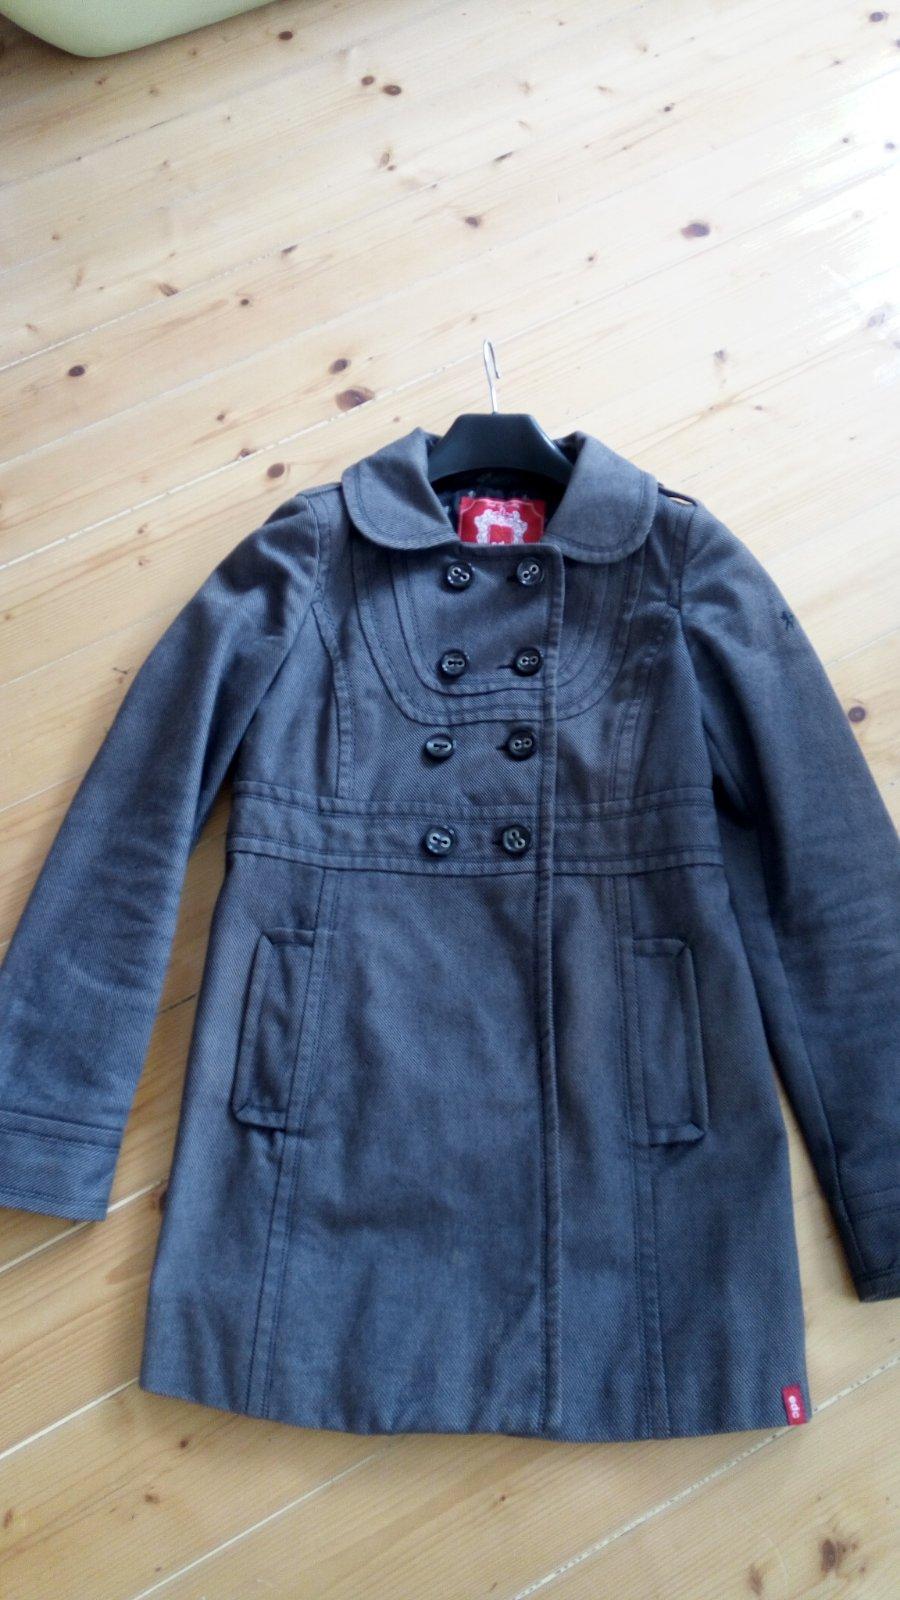 ac94473c8 Esprit edc dámsky kabát, esprit,s - 20 € od predávajúcej oshi | Detský  bazár | ModryKonik.sk